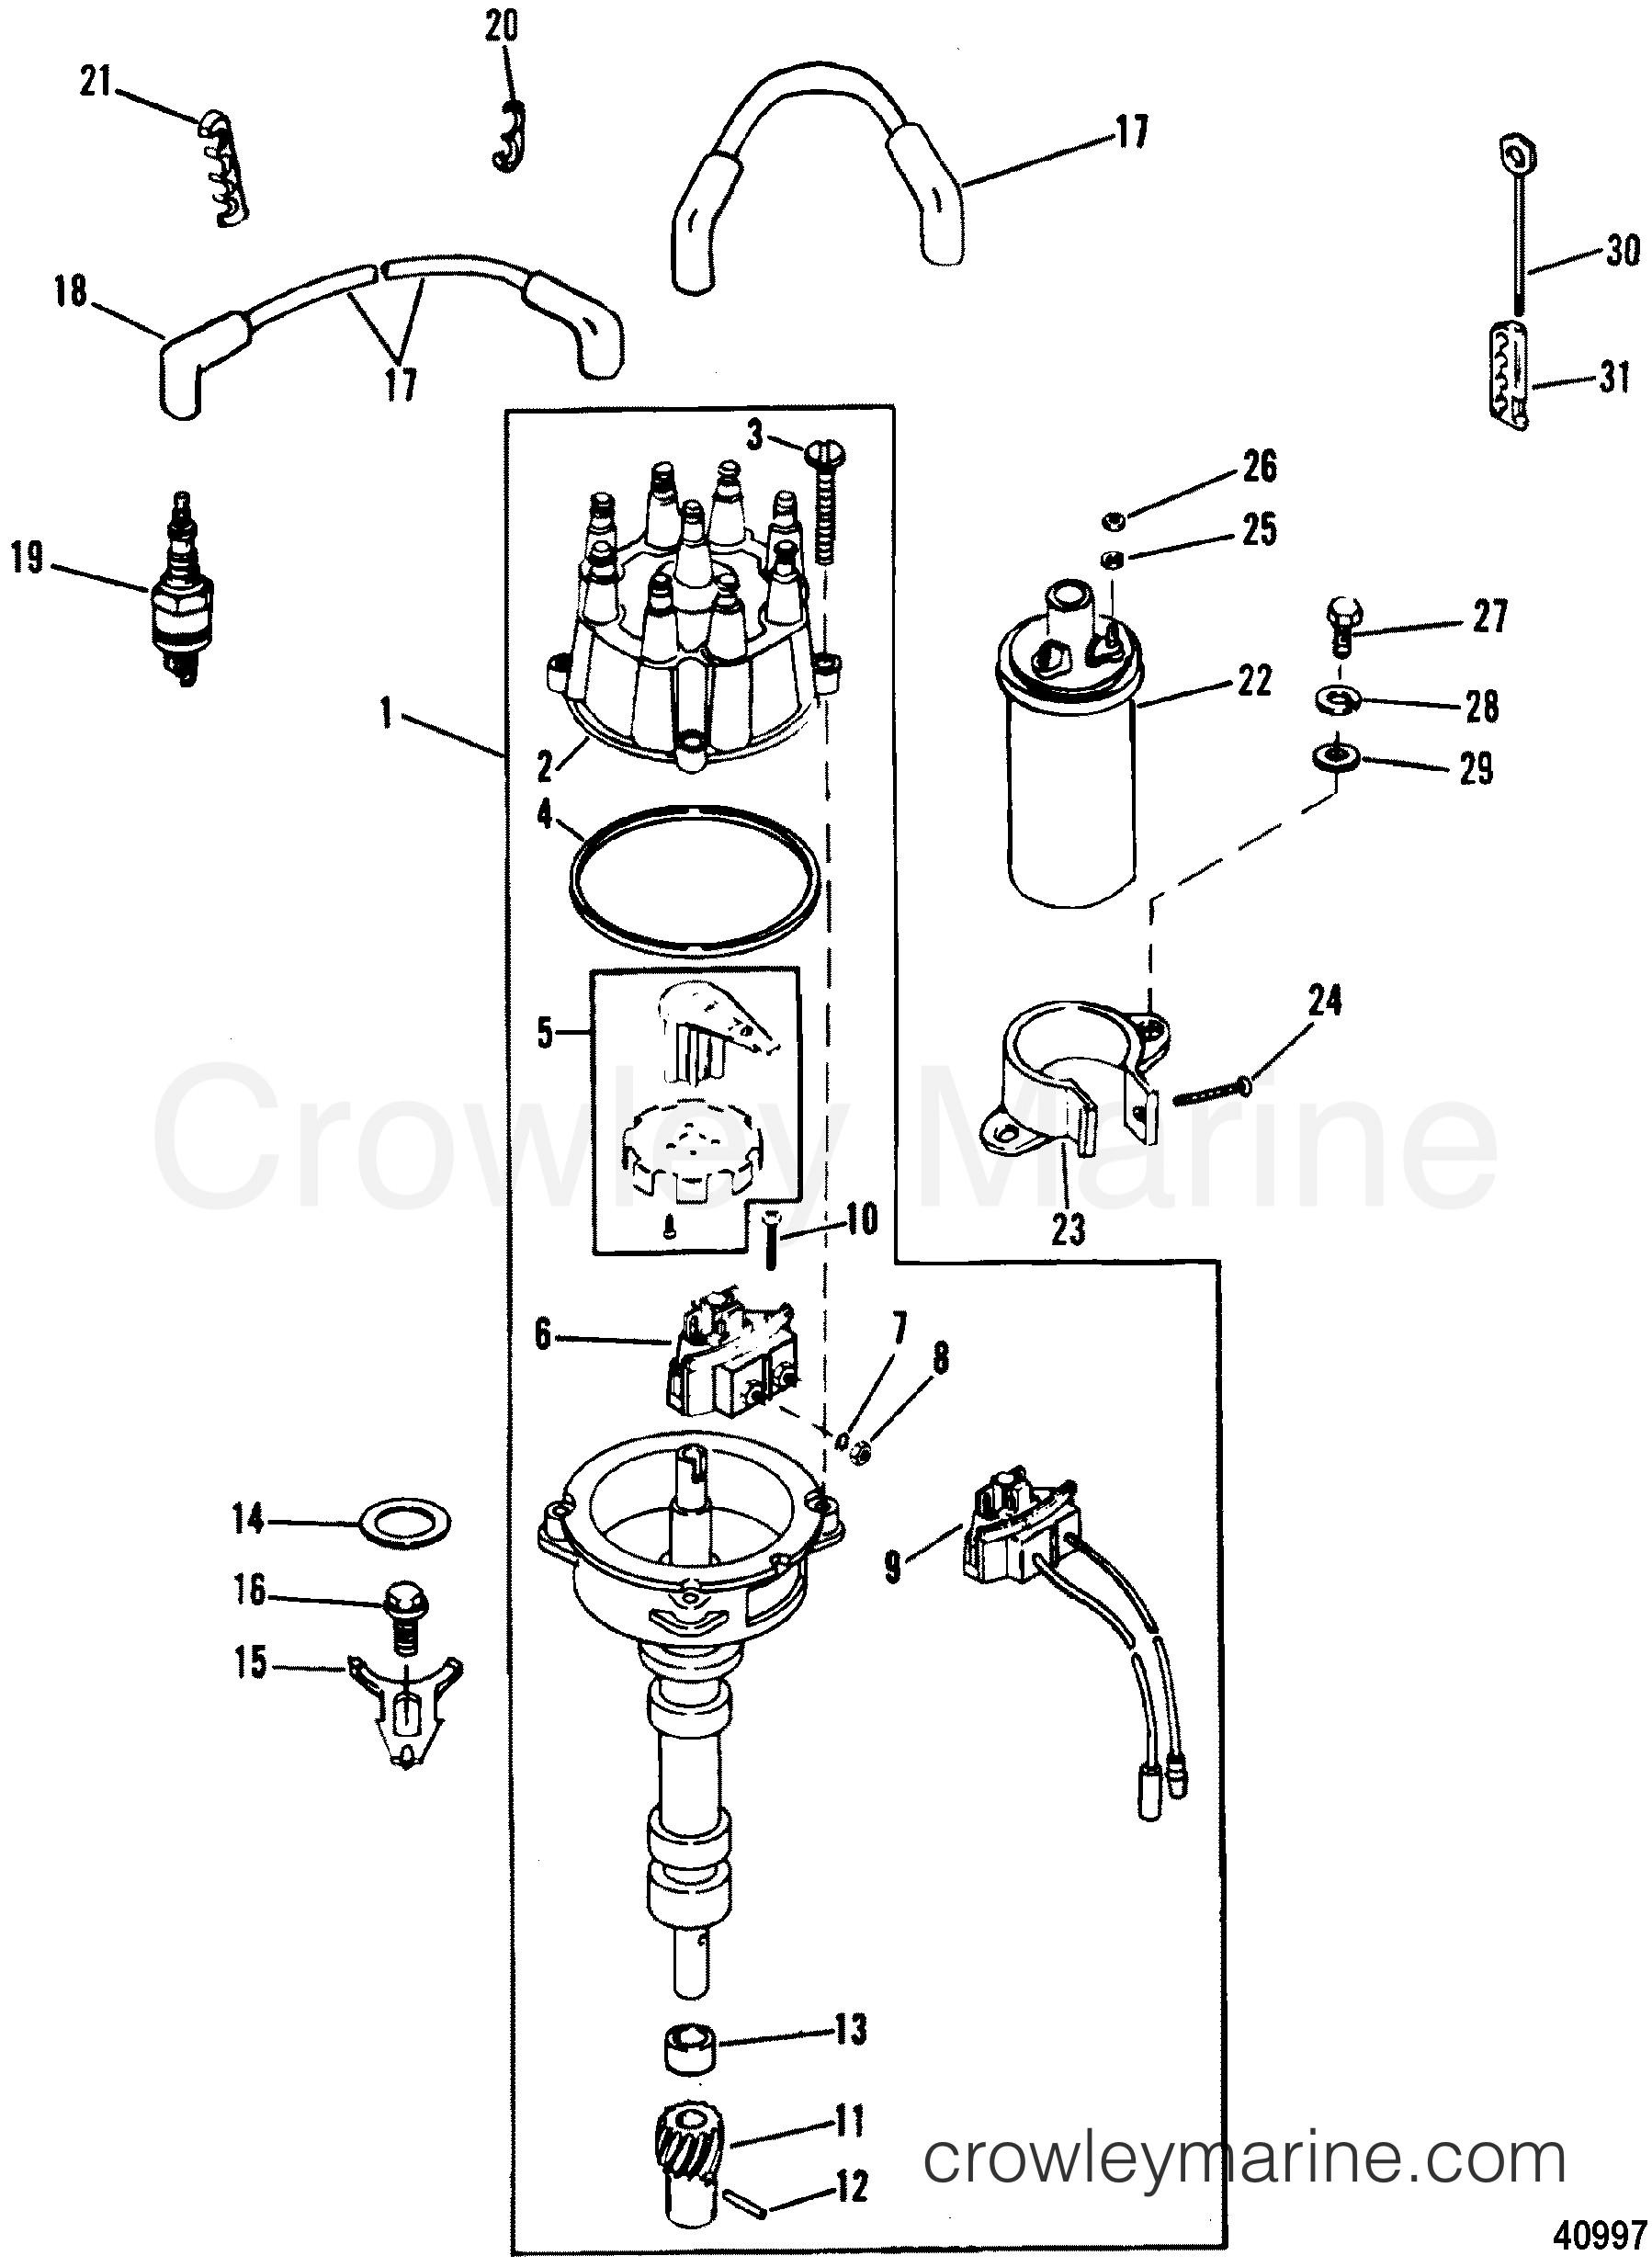 3 Liter Mercruiser Engine Diagram Starter Motor For